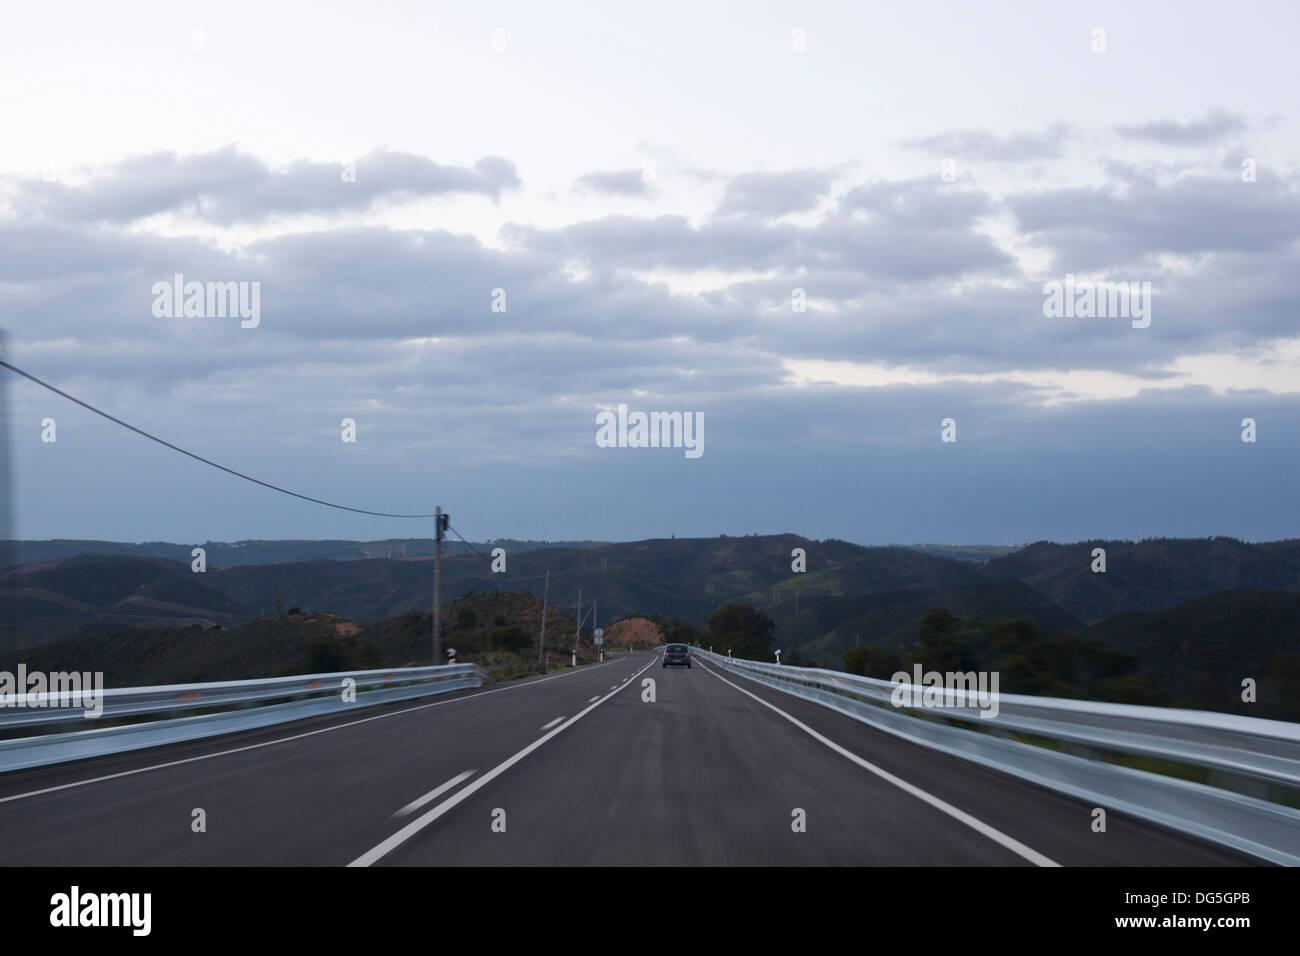 road to aljezur in the algarve in portugal - Stock Image